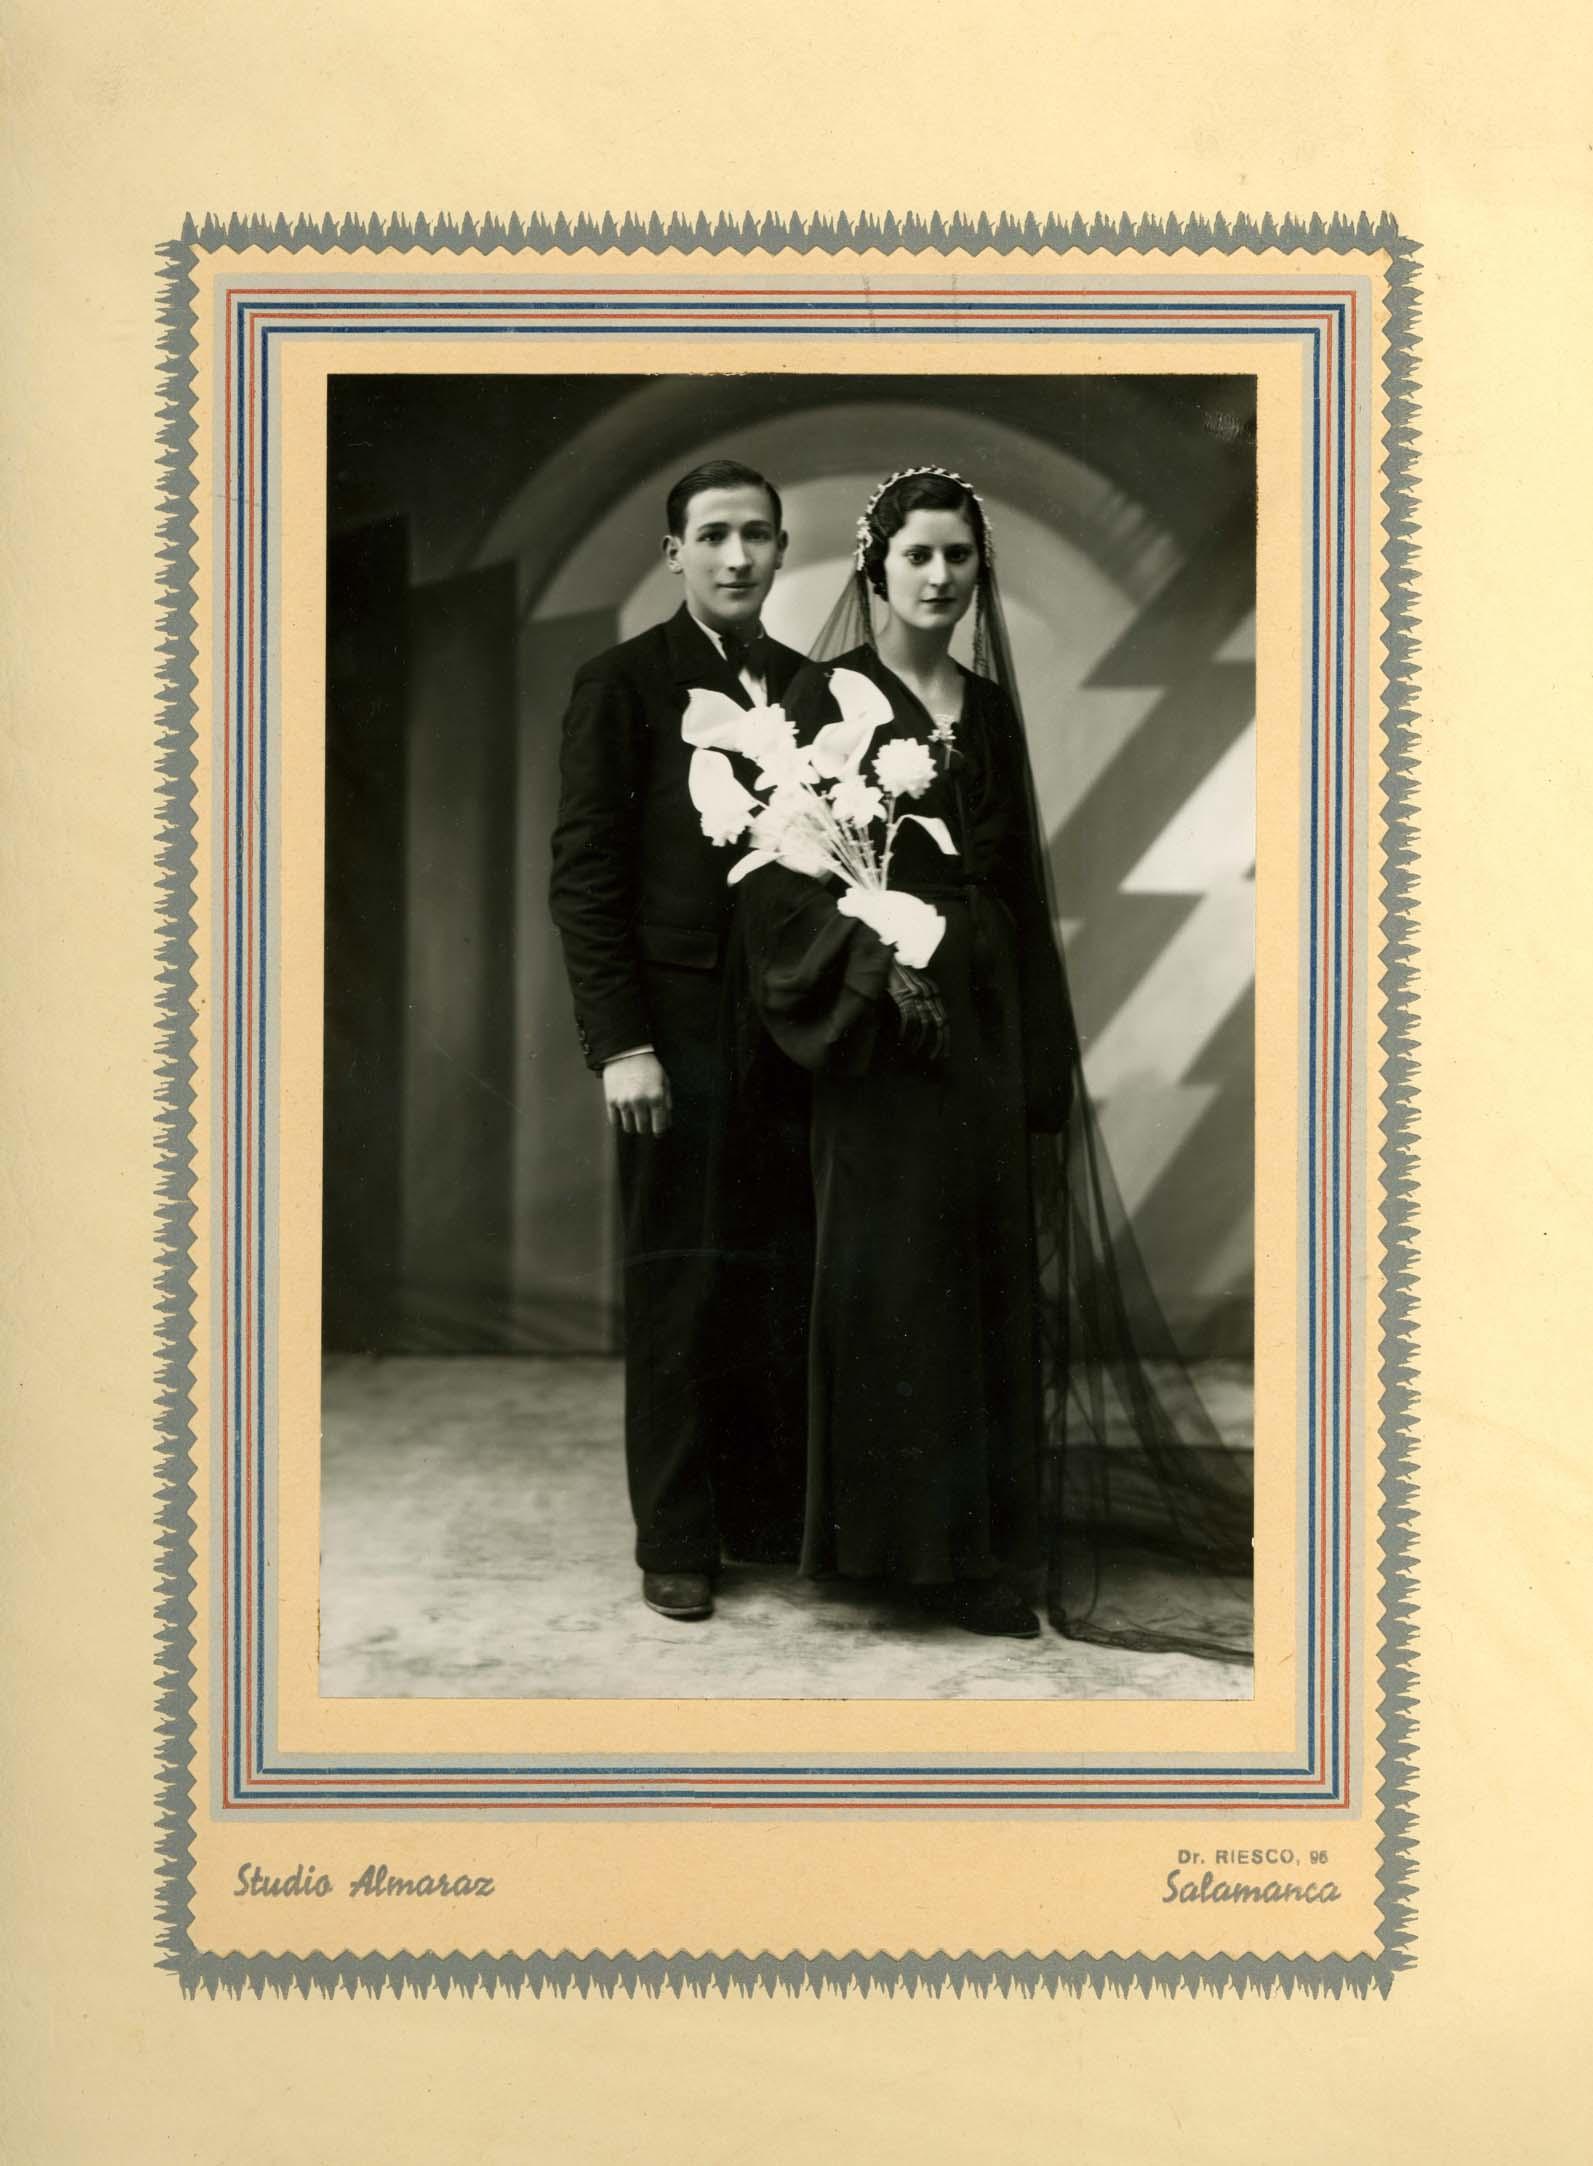 Fotografía de estudio de la boda de Gerardo Martín Mulas y Daría Muñoz Martín